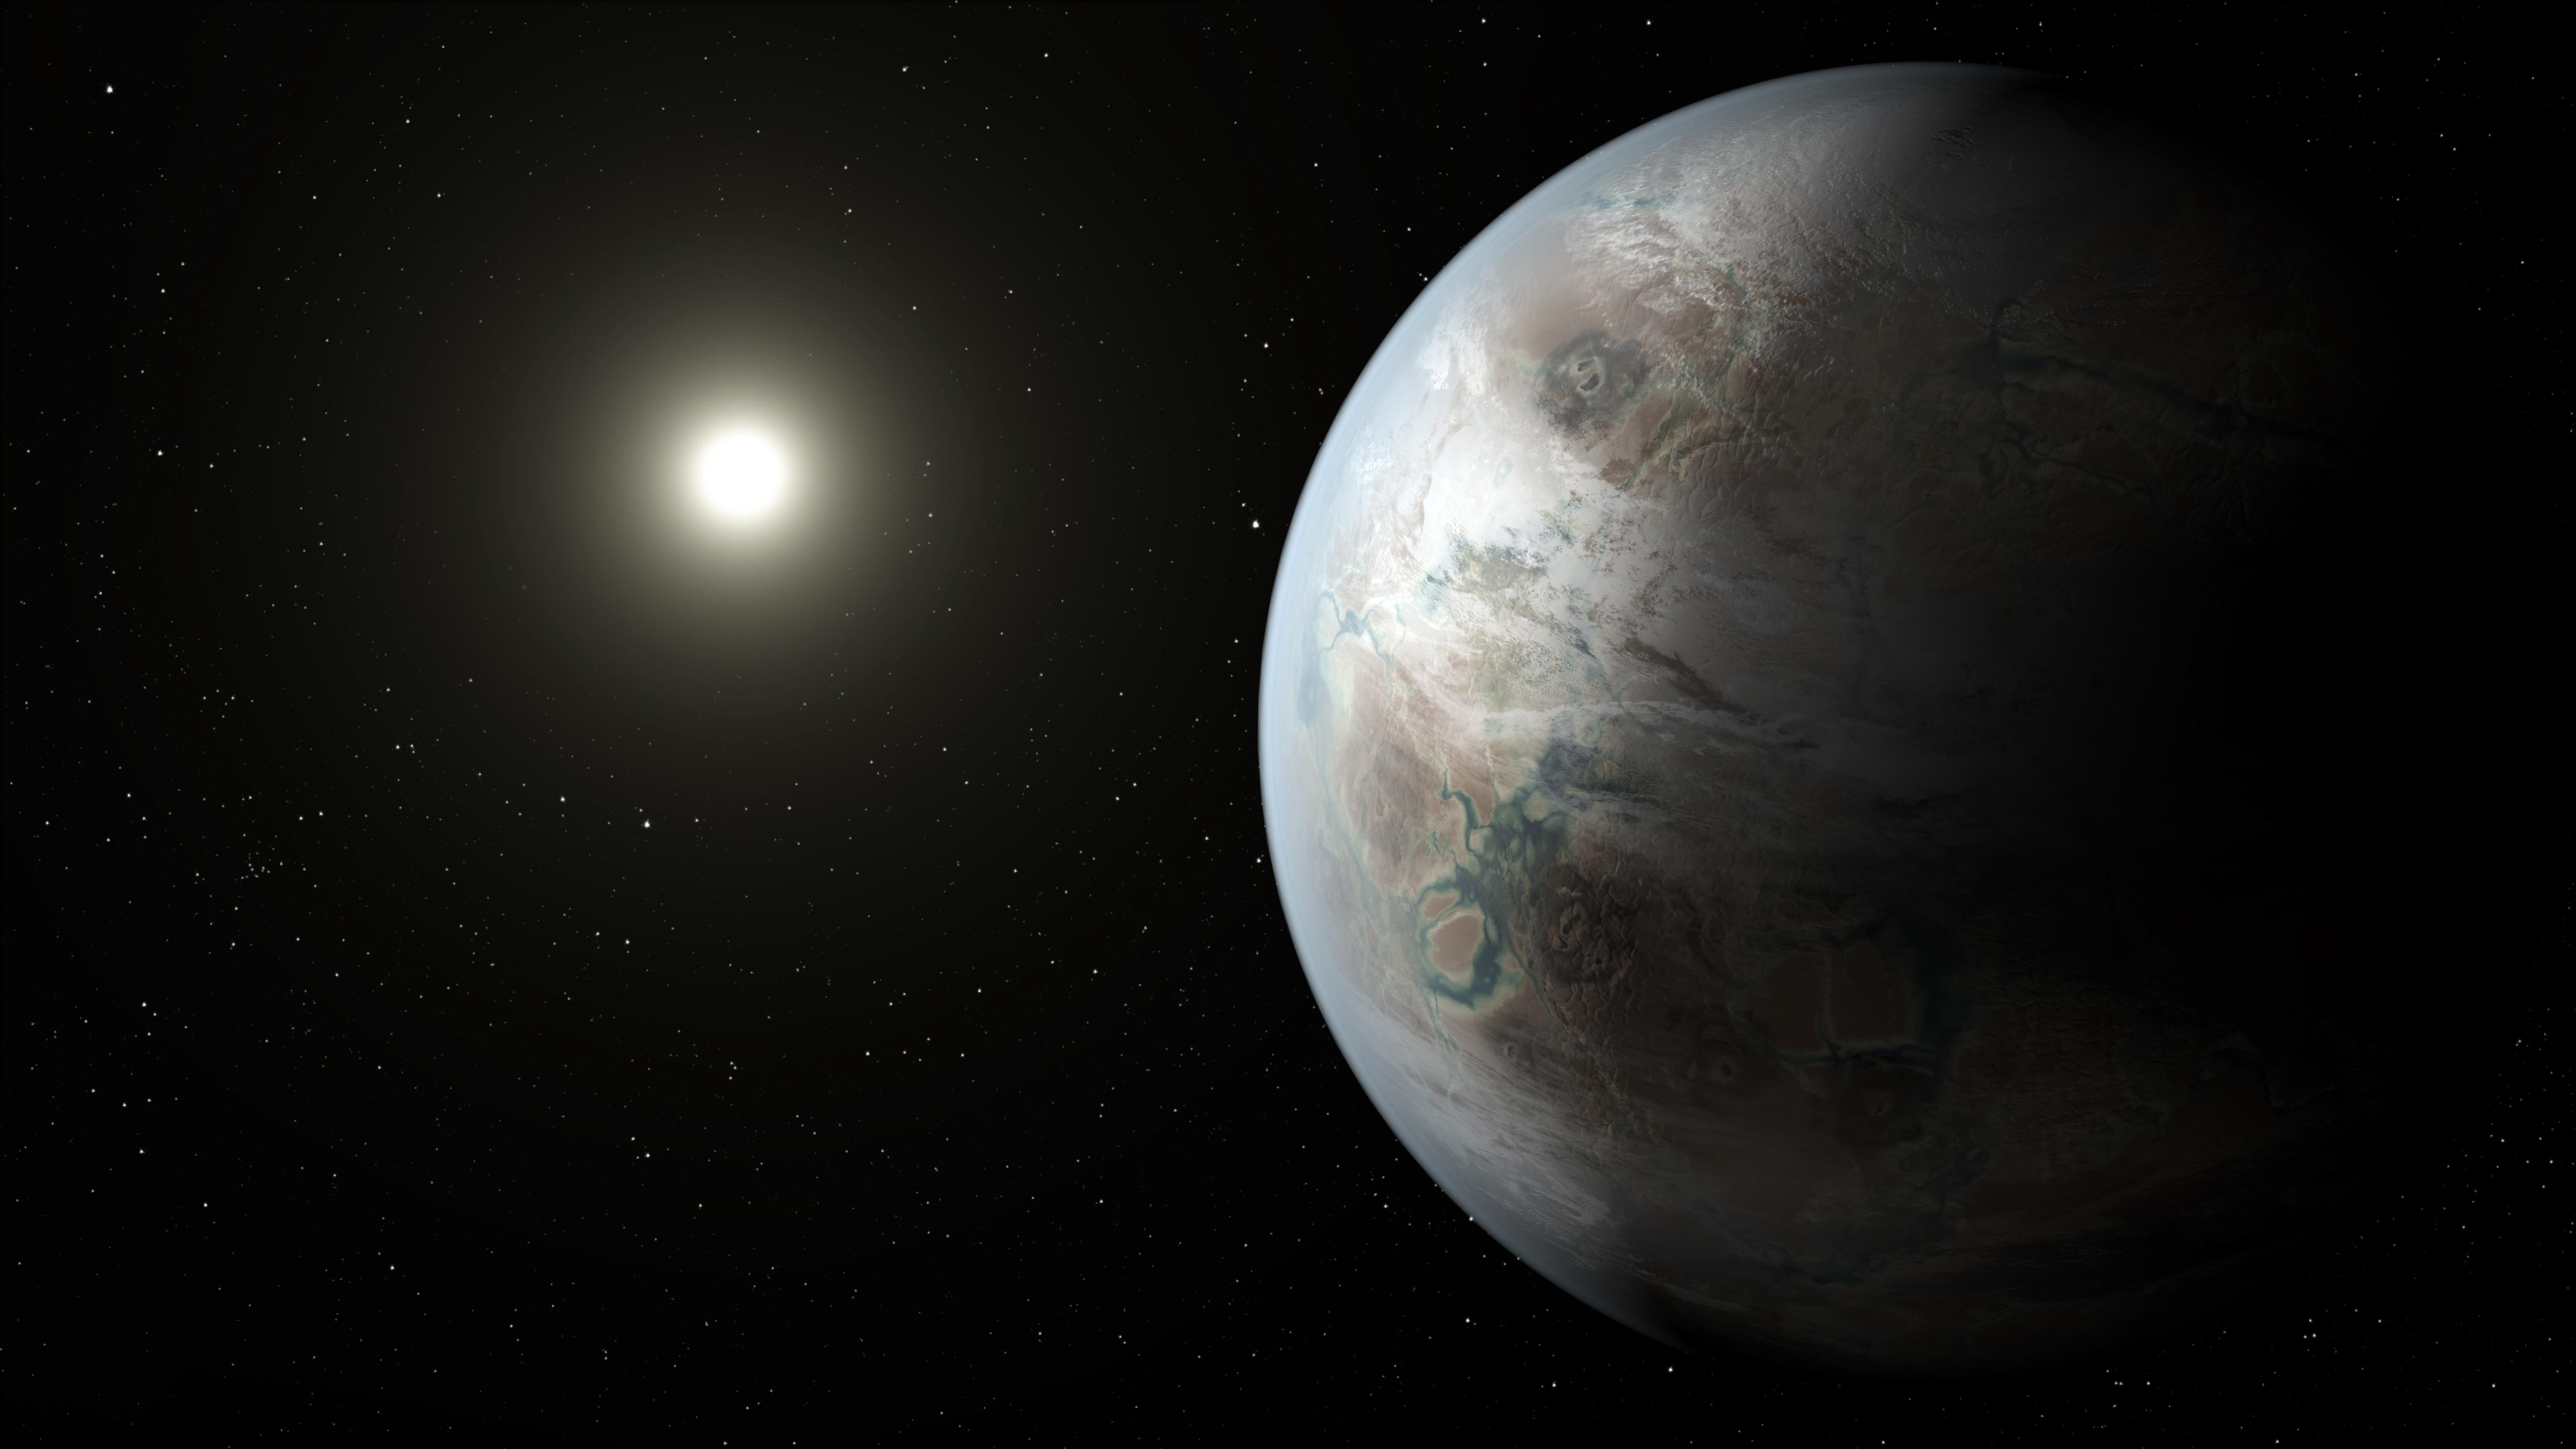 Planet -452b